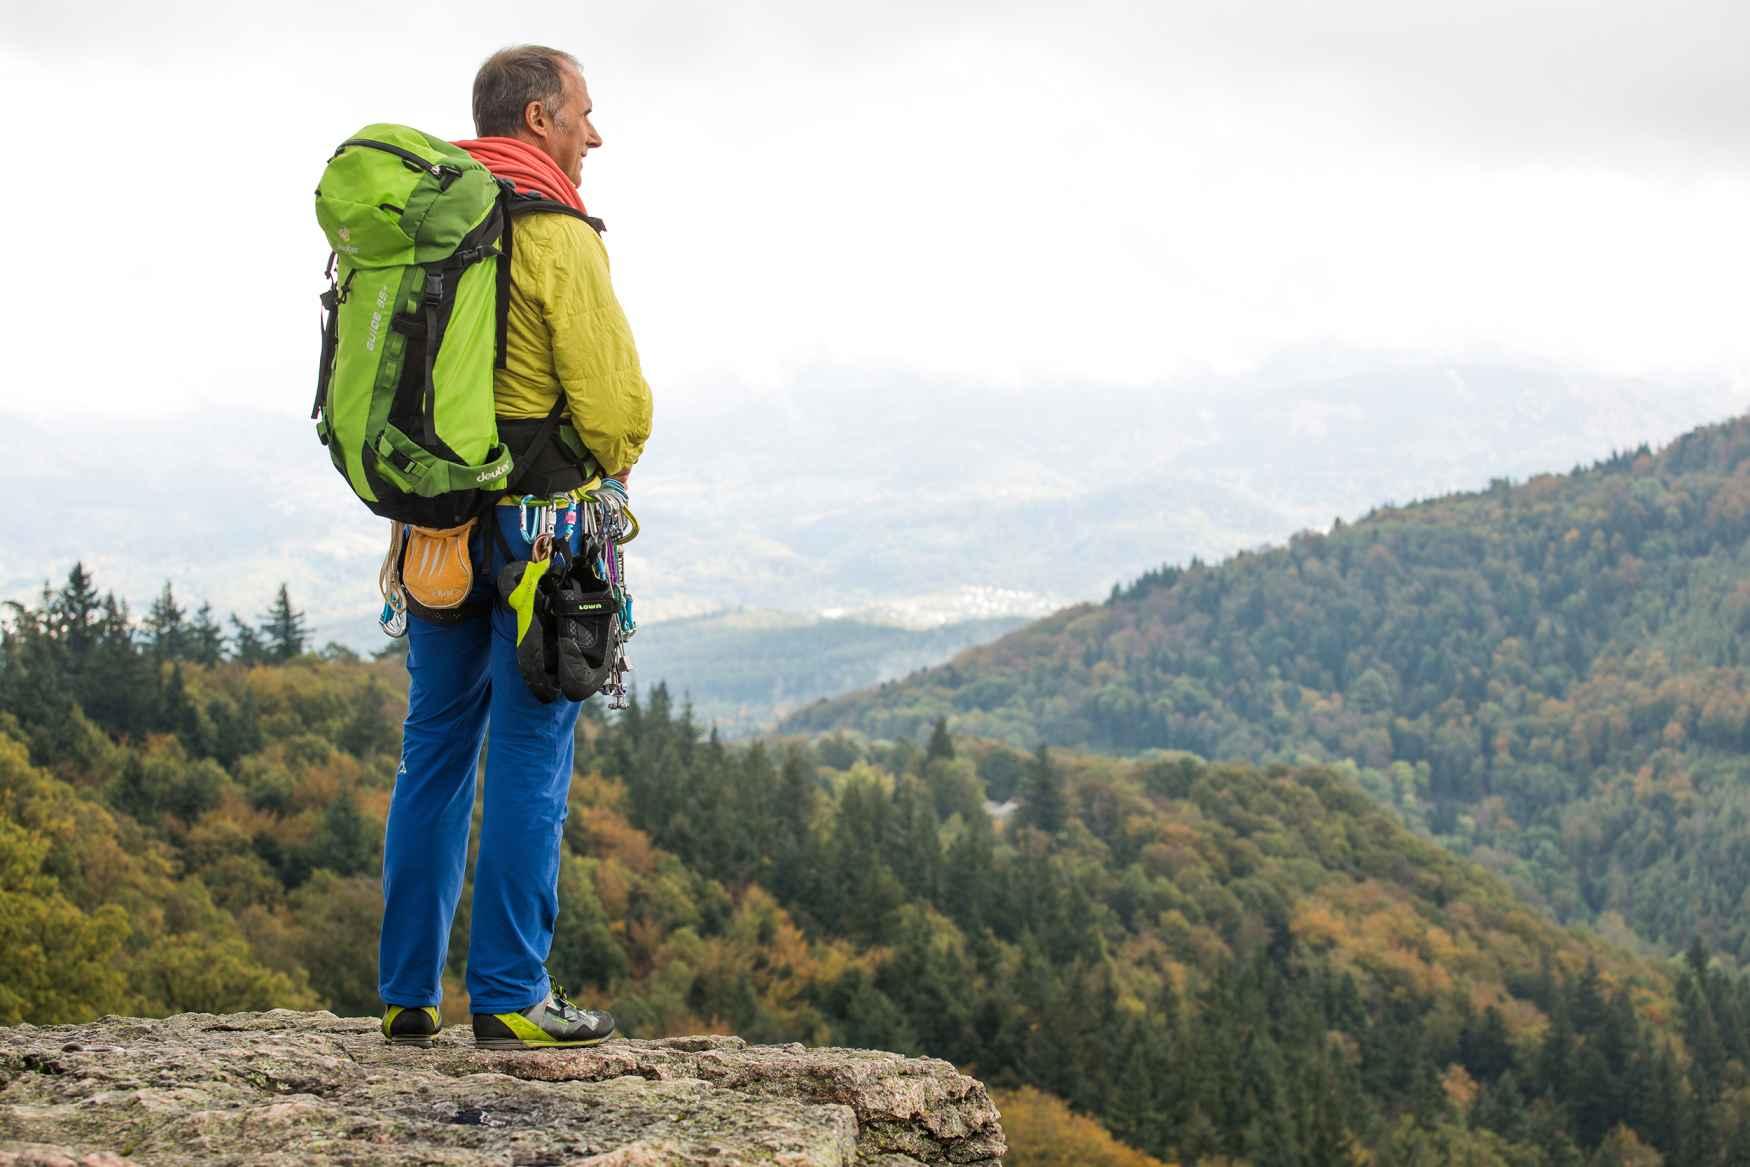 Ob bei Reisen, Wanderungen oder im heimischen Wald: der PINTO LL LO kann alles und zu jeder Zeit getragen werden. Der robuste Glattleder-Halbschuh ist ein schicker Begleiter für alle Wege und punktet durch sein geschmeidiges Leder-Innenfutter. Für Untergründe unterschiedlichster Art setzt LOWA auf die bewährte VIBRAM®-TREK-Sohle, die ihr Können besonders im Mittelgebirge und mittelschweren Treks unter Beweis stellt.